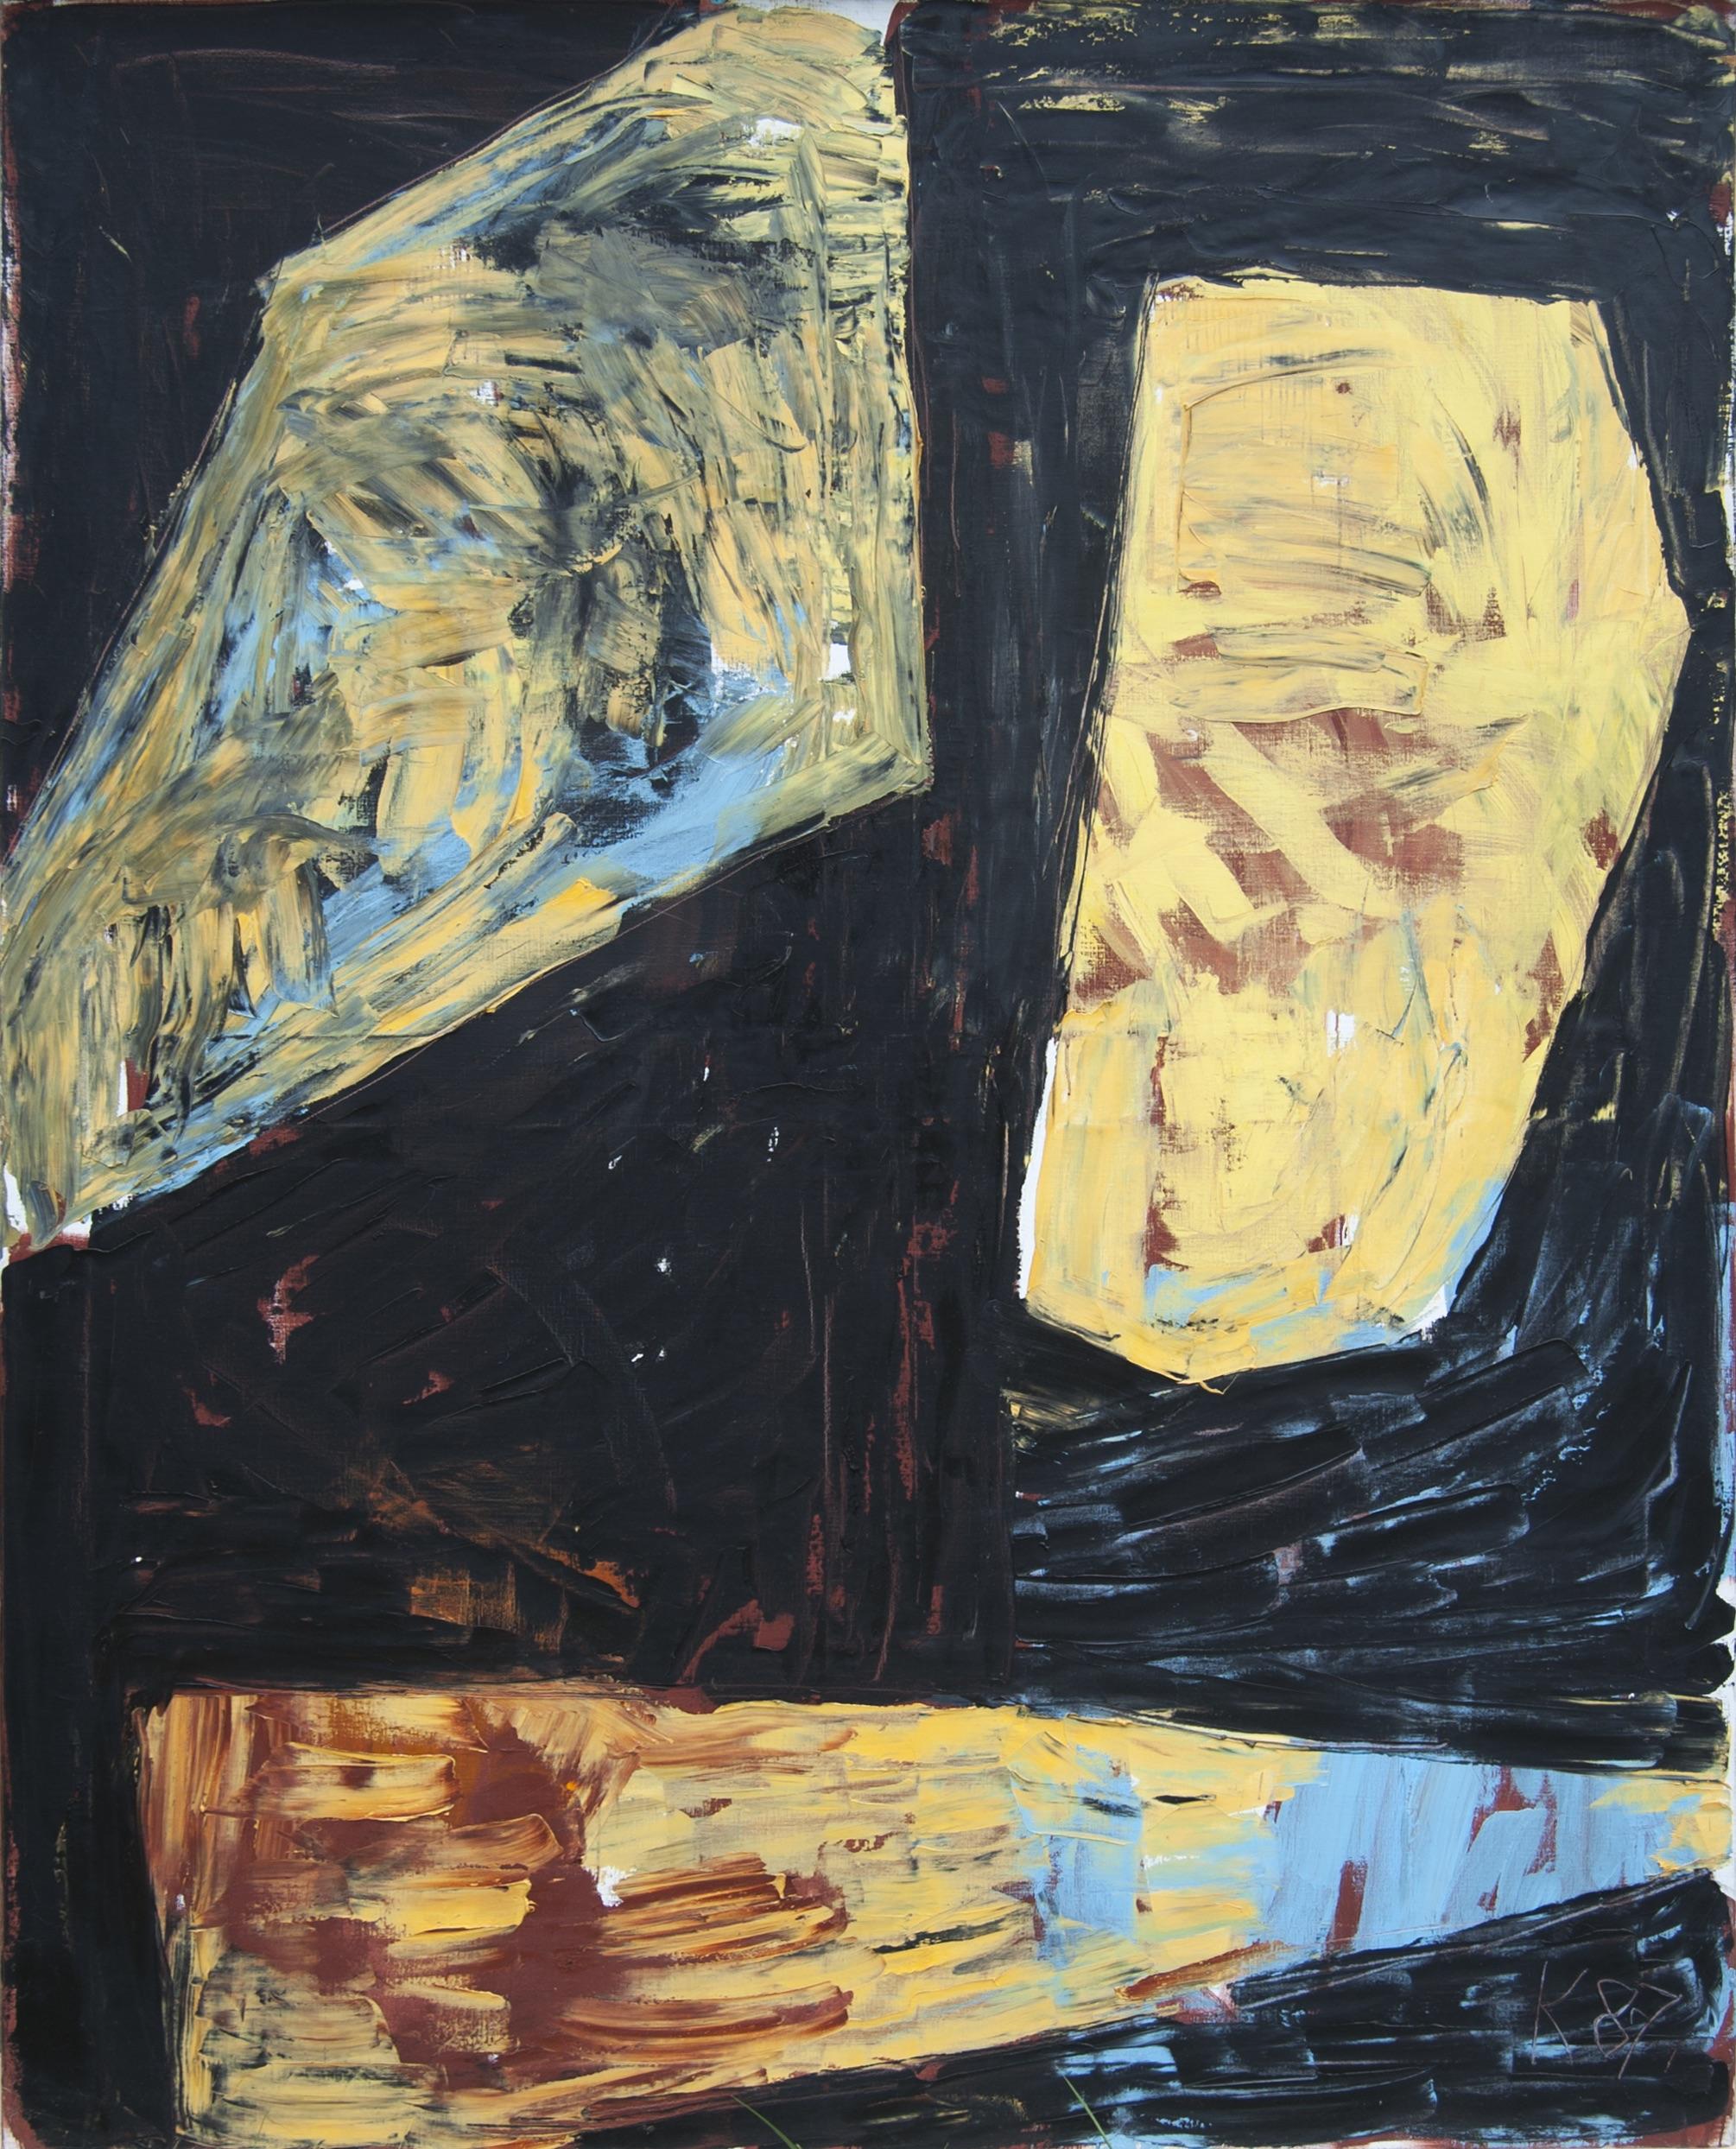 Ägyptische Reihe V , 1987, Oil on canvas, 78.74h x 62.99w in (200h x 160w cm)